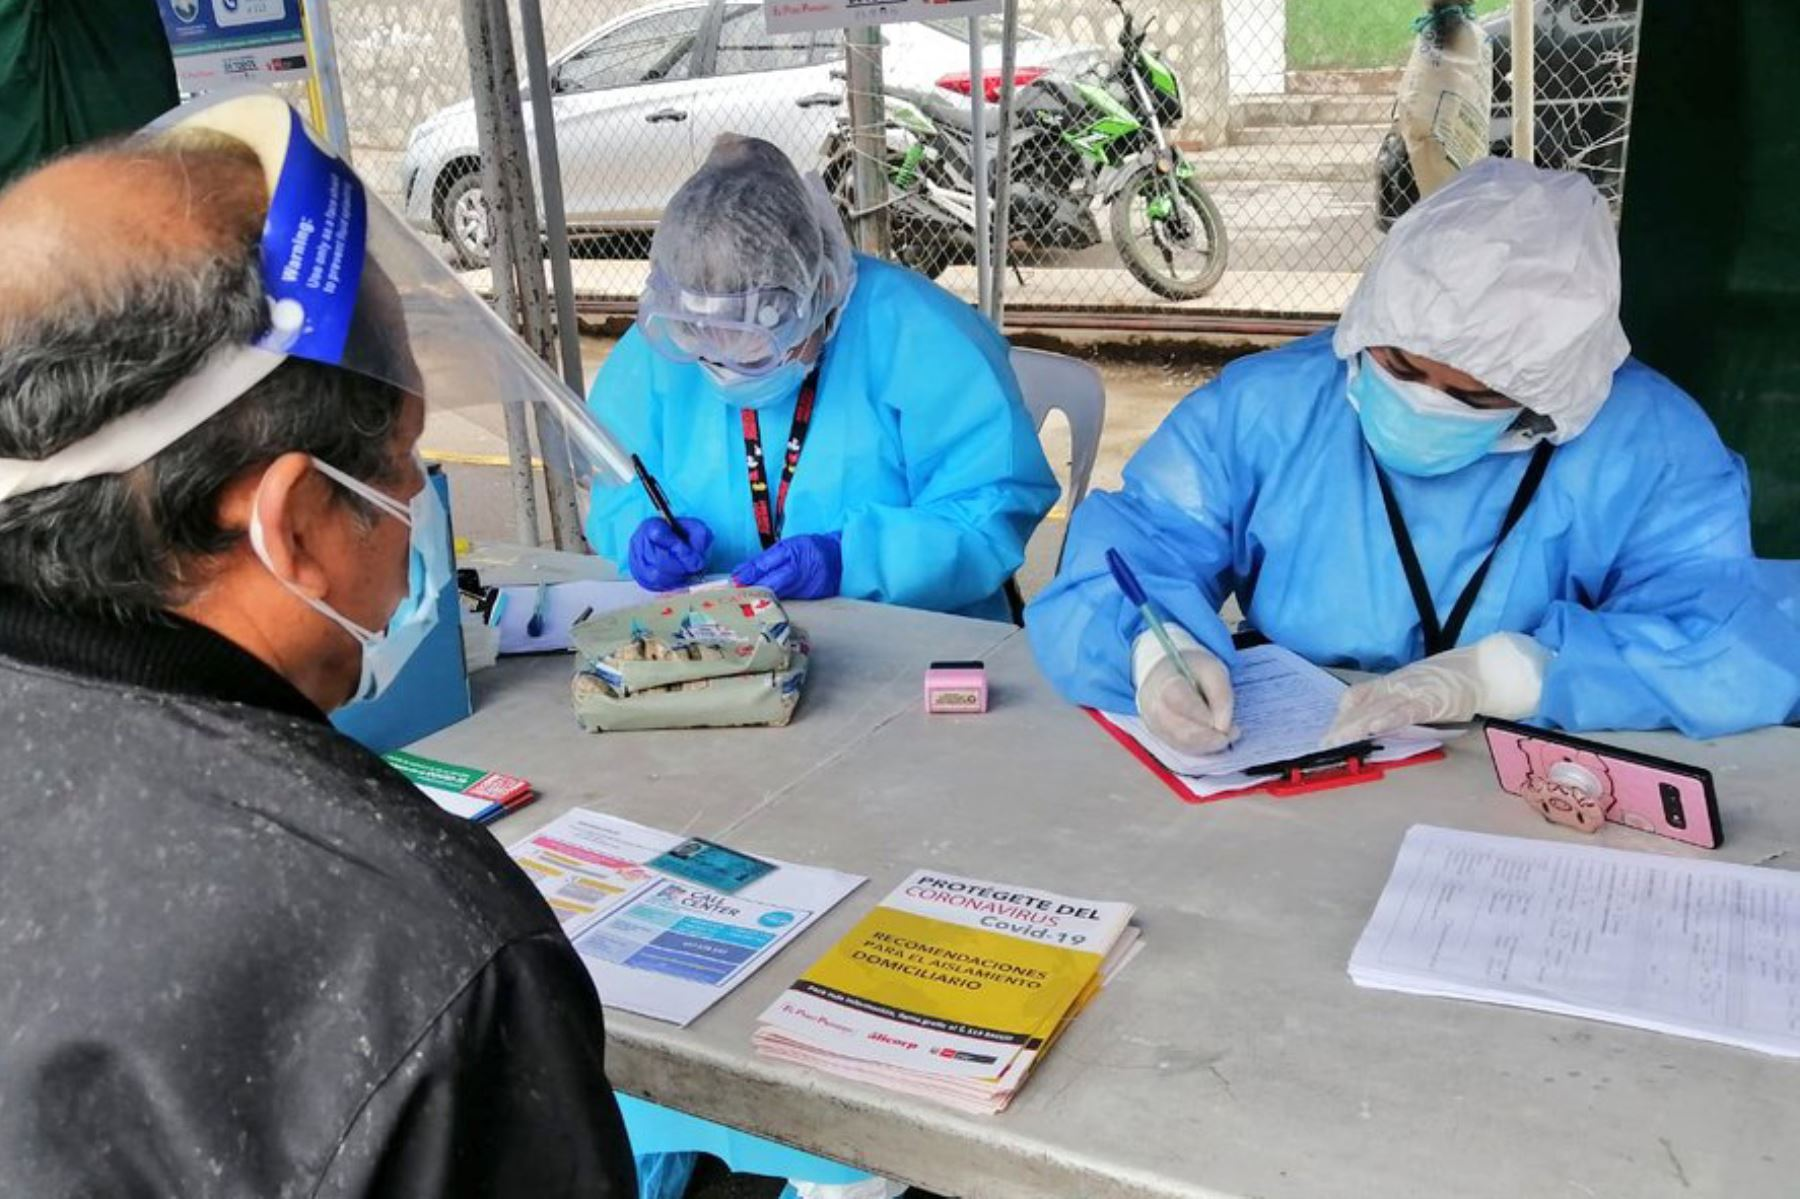 Más de 300 personas fueron evaluadas con pruebas moleculares de diagnóstico Covid-19, en el Centro Rápido de Atención Temporal, instalado por el Minsa en la losa deportiva La Pampita. Foto: ANDINA/ MINSA